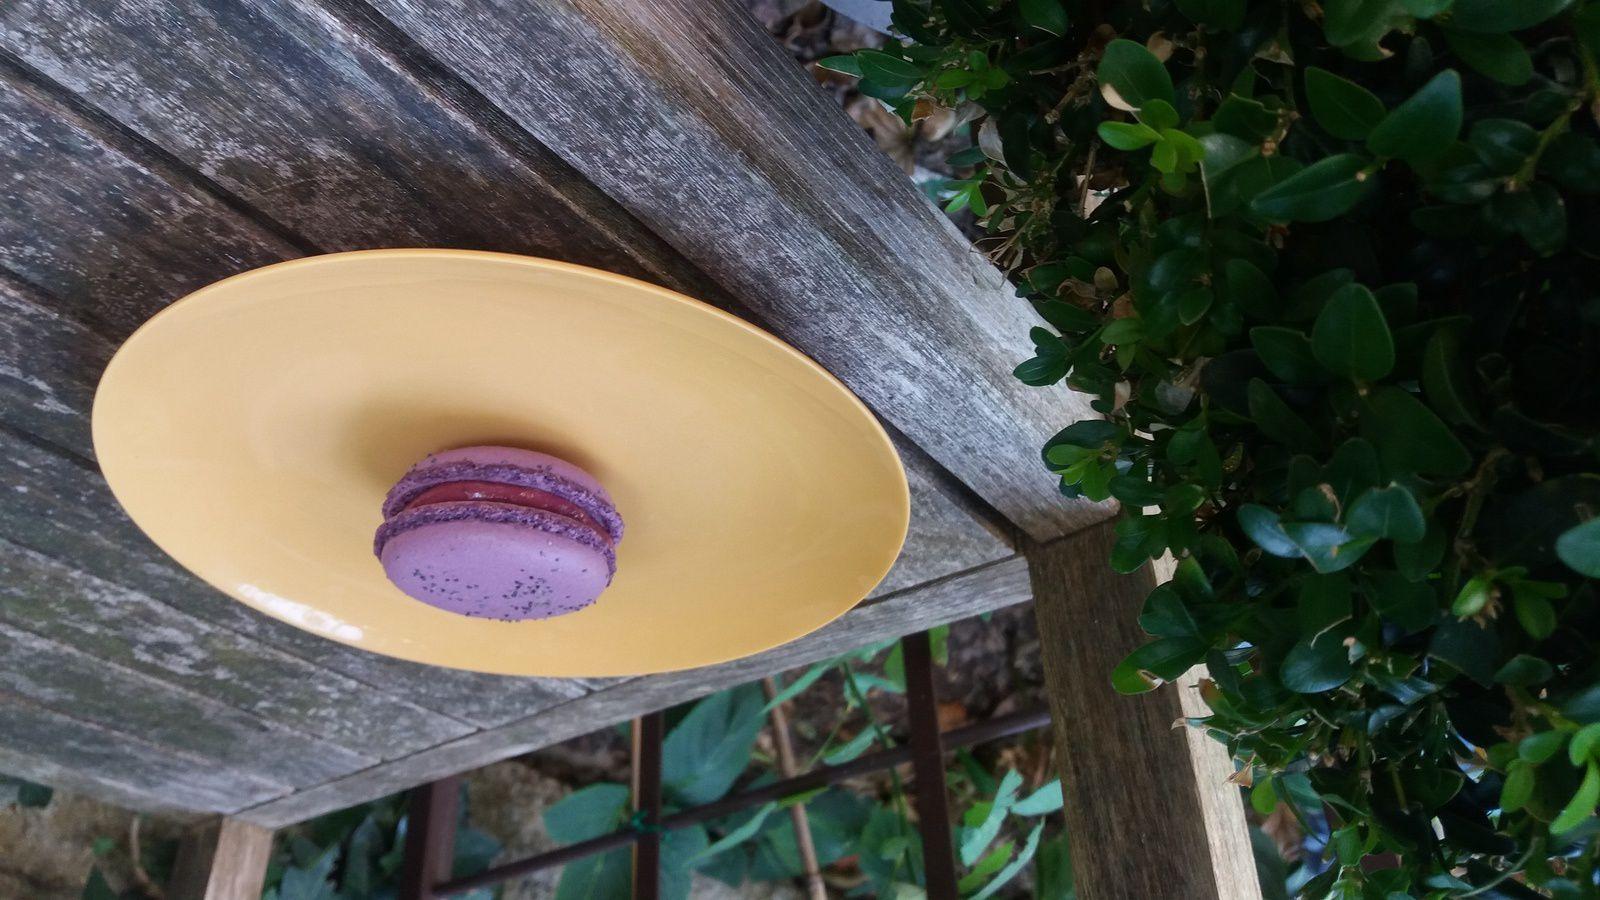 Home-made macaron du jour